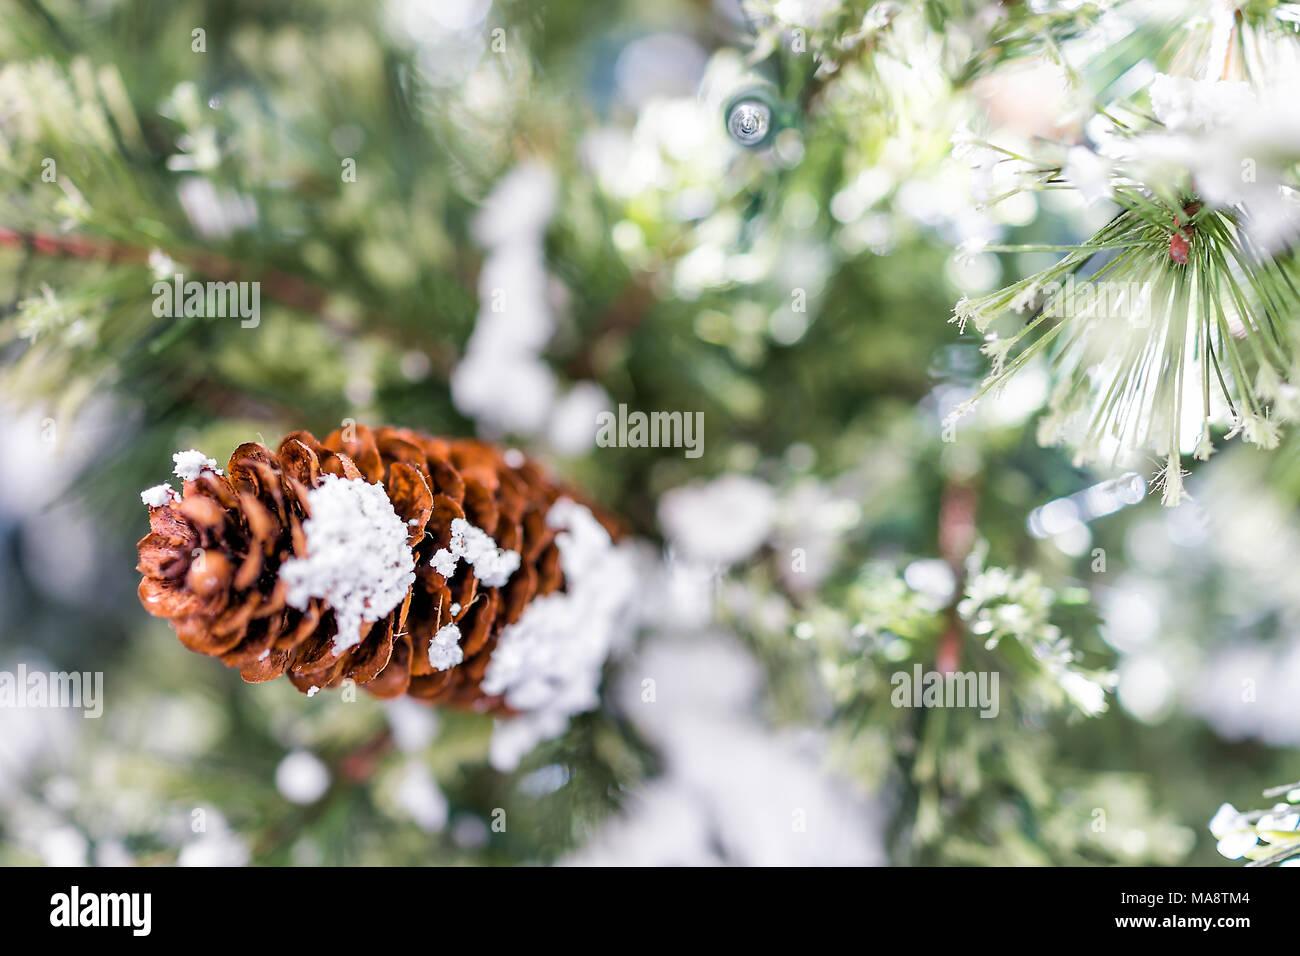 Weihnachtsbaum Nadeln.Schnee Winter Makro Nahaufnahme Von Grünen Pinien Weihnachtsbaum